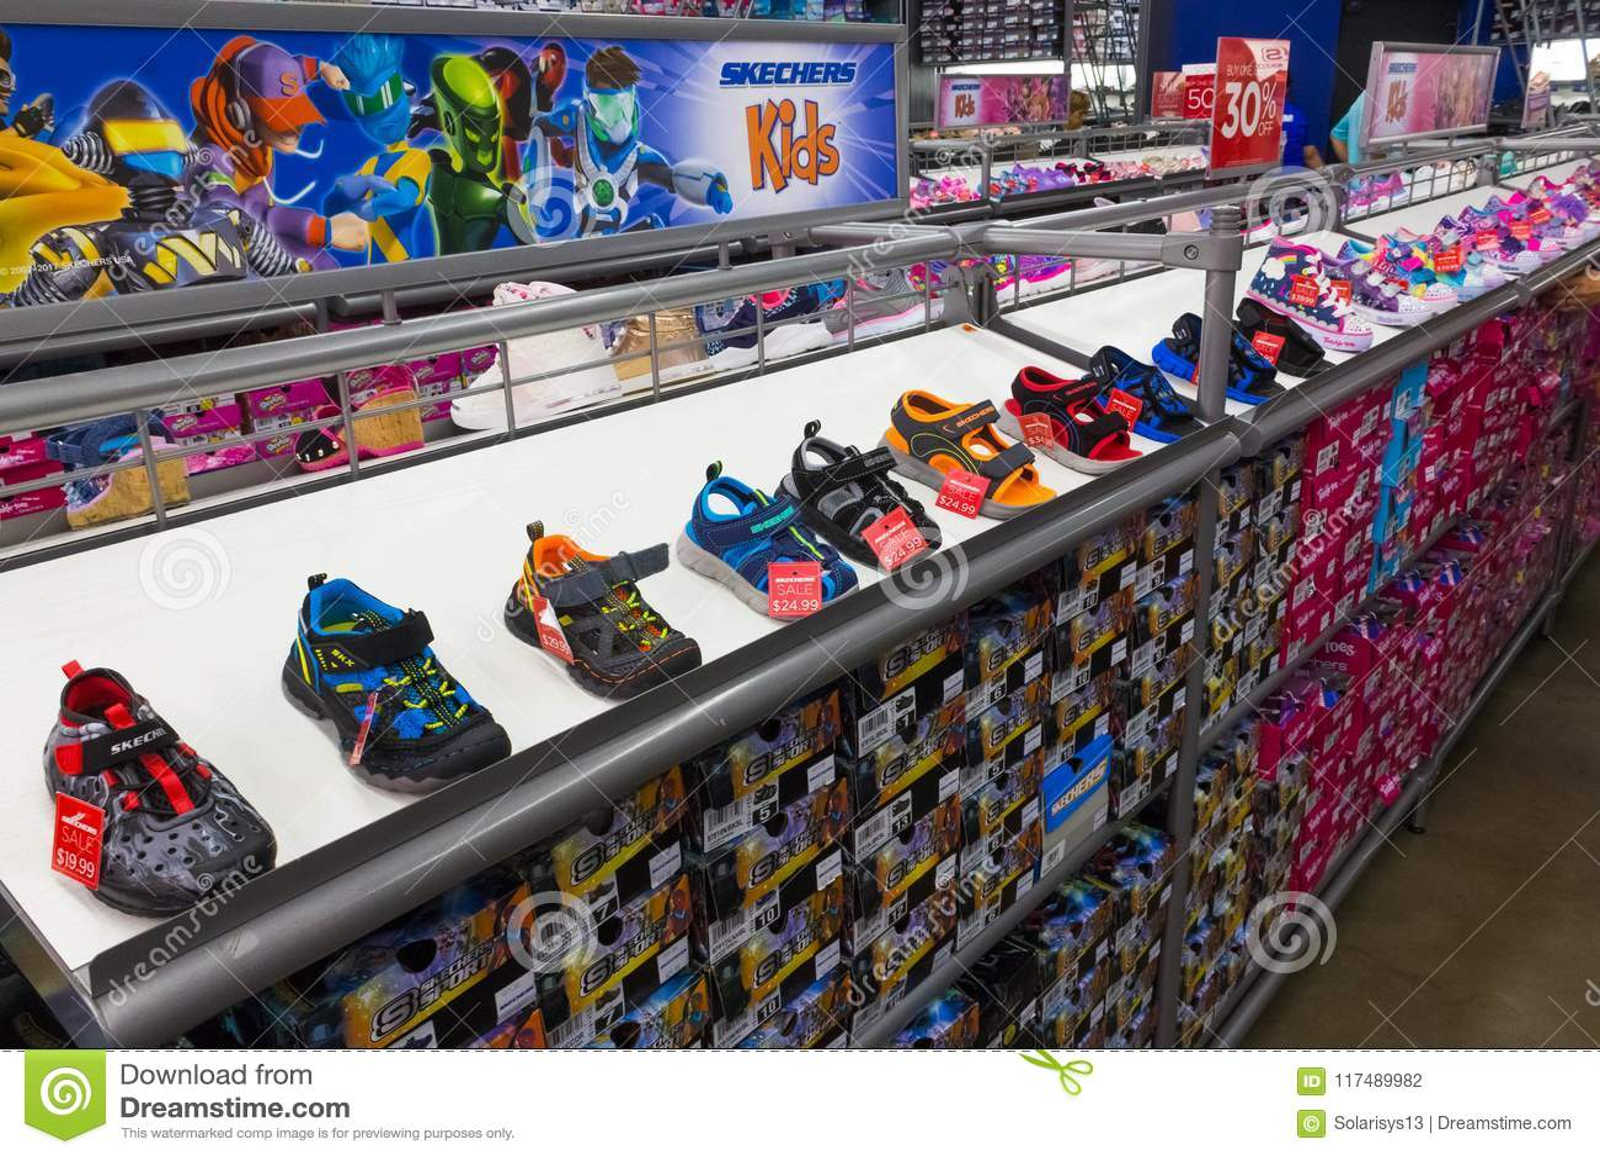 zapatillas mizuno hombre outlet miami dolphin mall